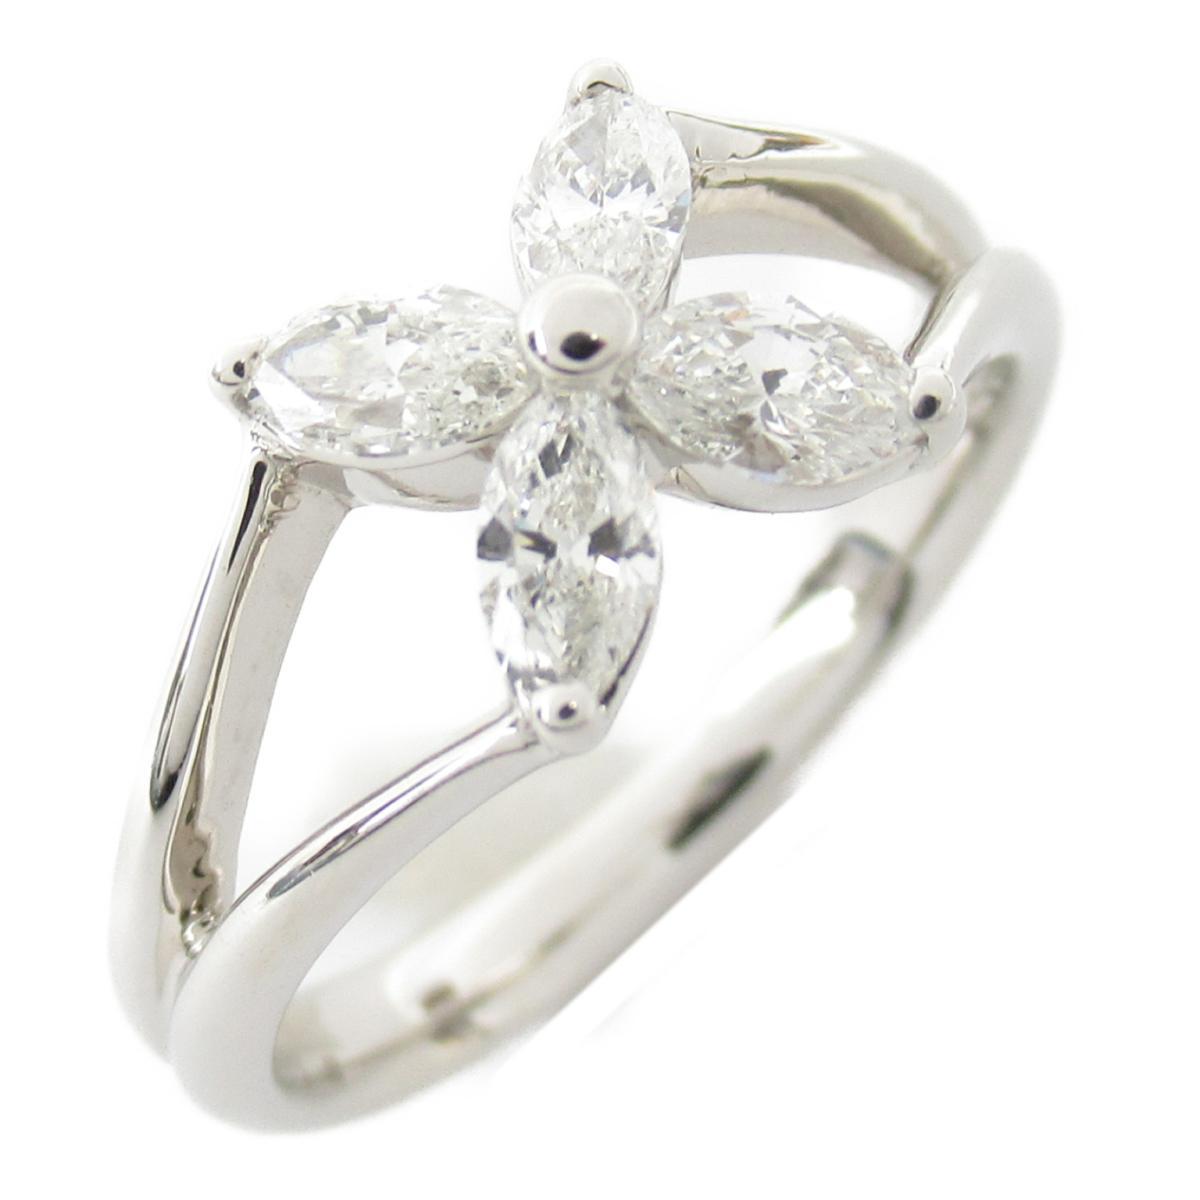 【中古】 ジュエリー ダイヤモンド リング 指輪 レディース PT900 プラチナ x ダイヤモンド0.52ct | JEWELRY BRANDOFF ブランドオフ ブランド アクセサリー